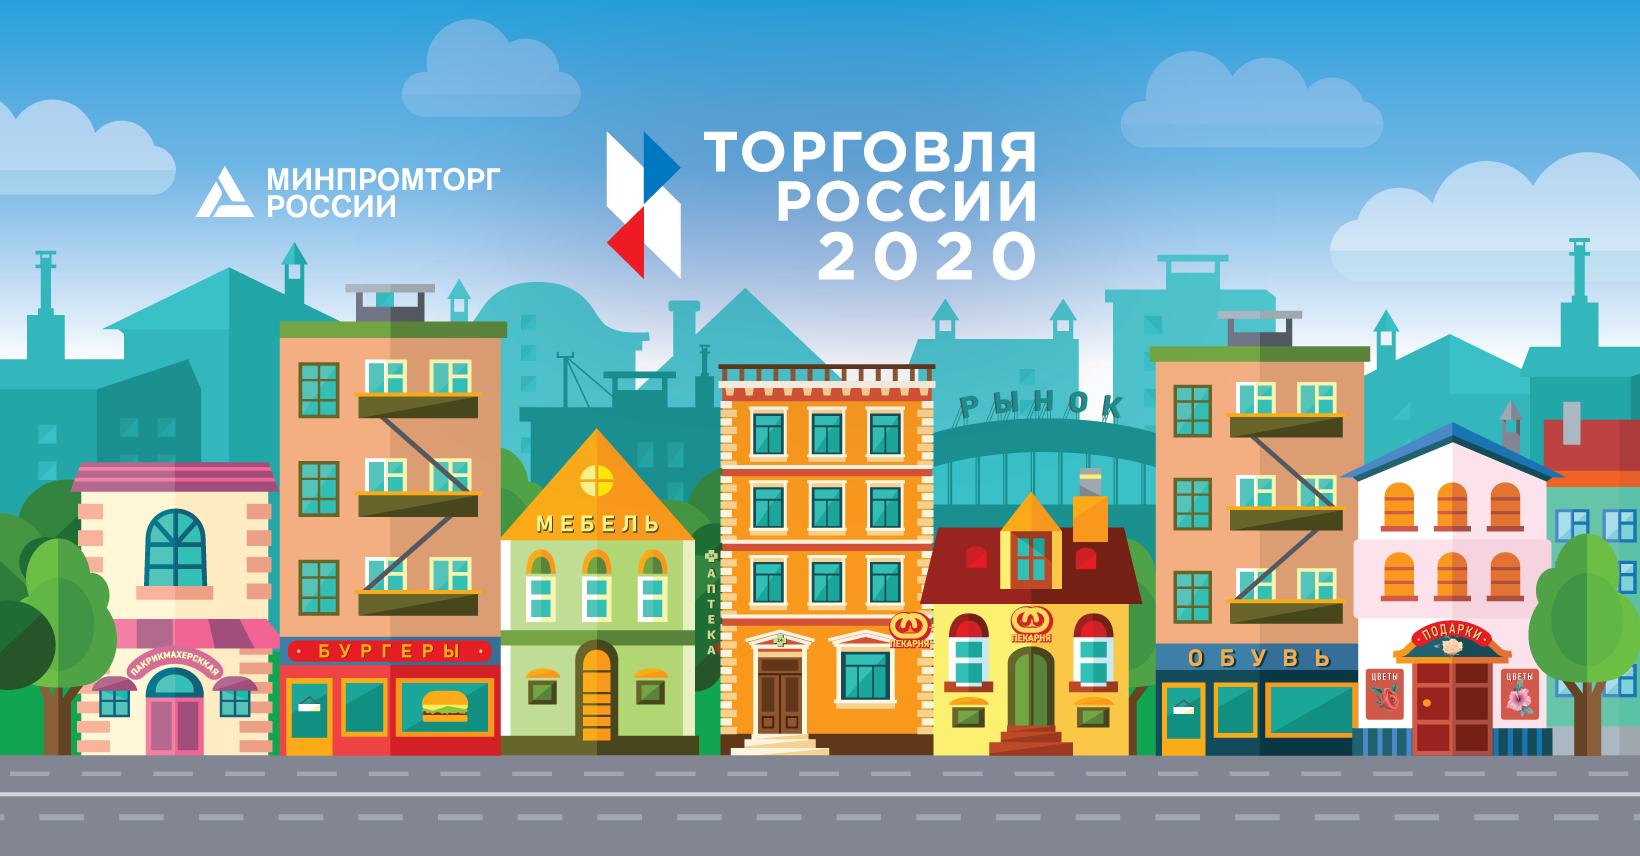 Срок подачи заявок на участие в ежегодном конкурсе «Торговля России 2020» продлен до 1 сентября 2020 года.